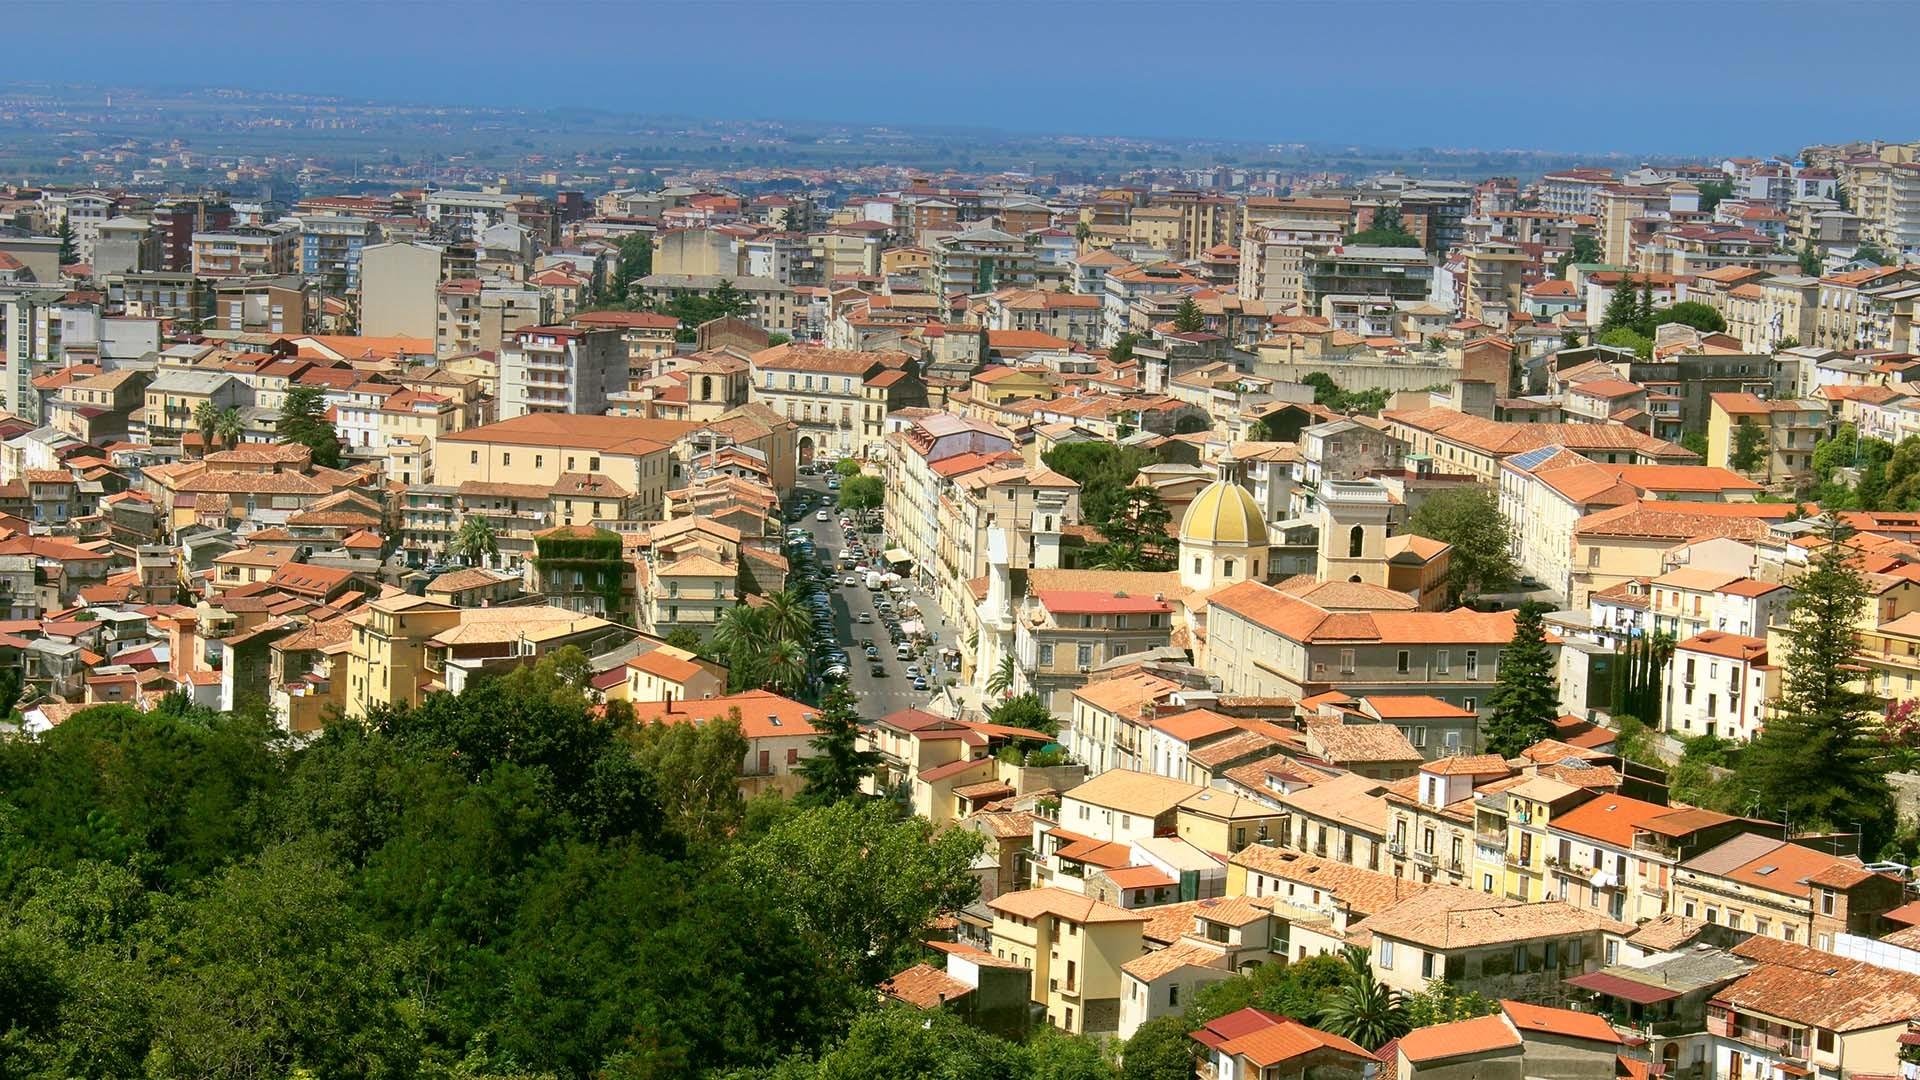 Lamezia Terme - Italie | Forfaits Vacances | Vols directs ...